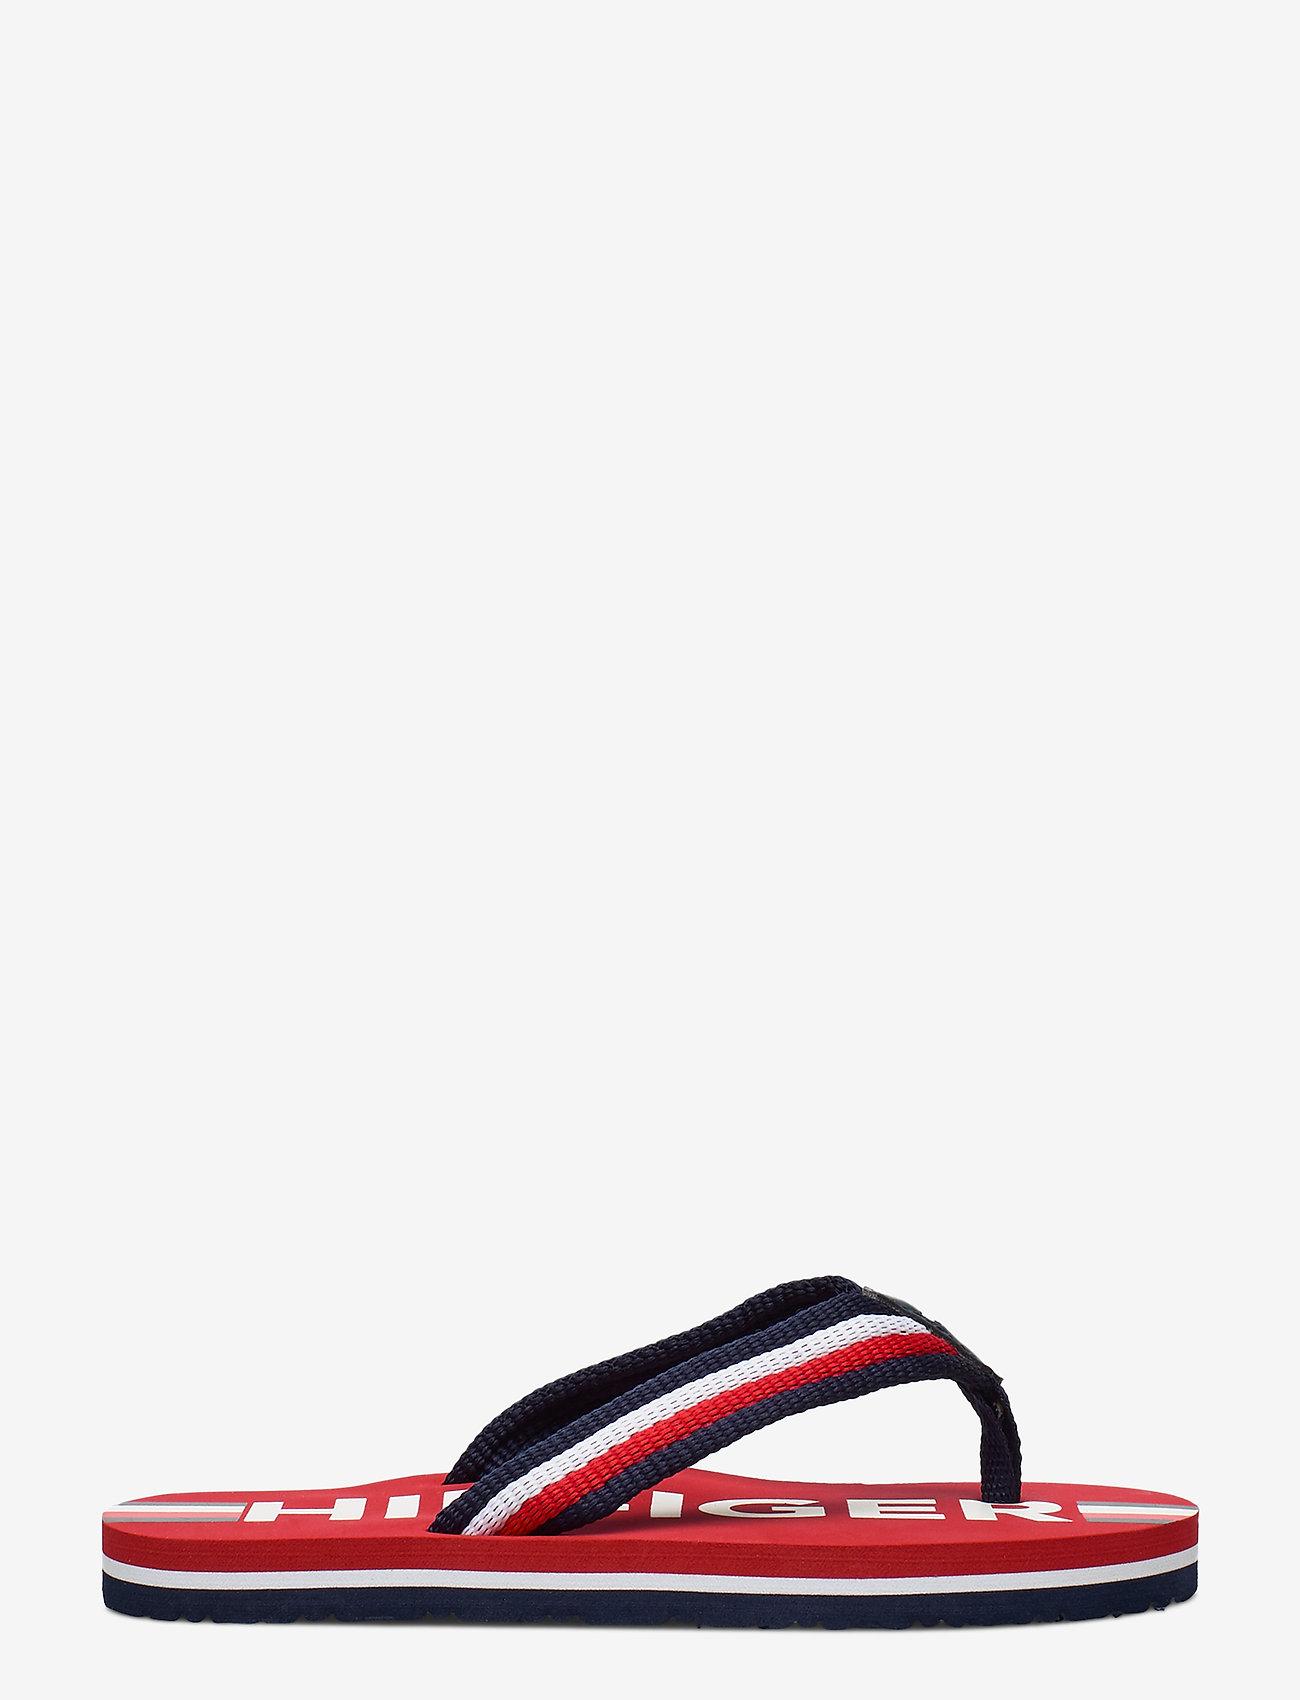 Tommy Hilfiger - MAXI LETTERING PRINT FLIP FLOP - klipklapper & badesko - red/multicolor - 1